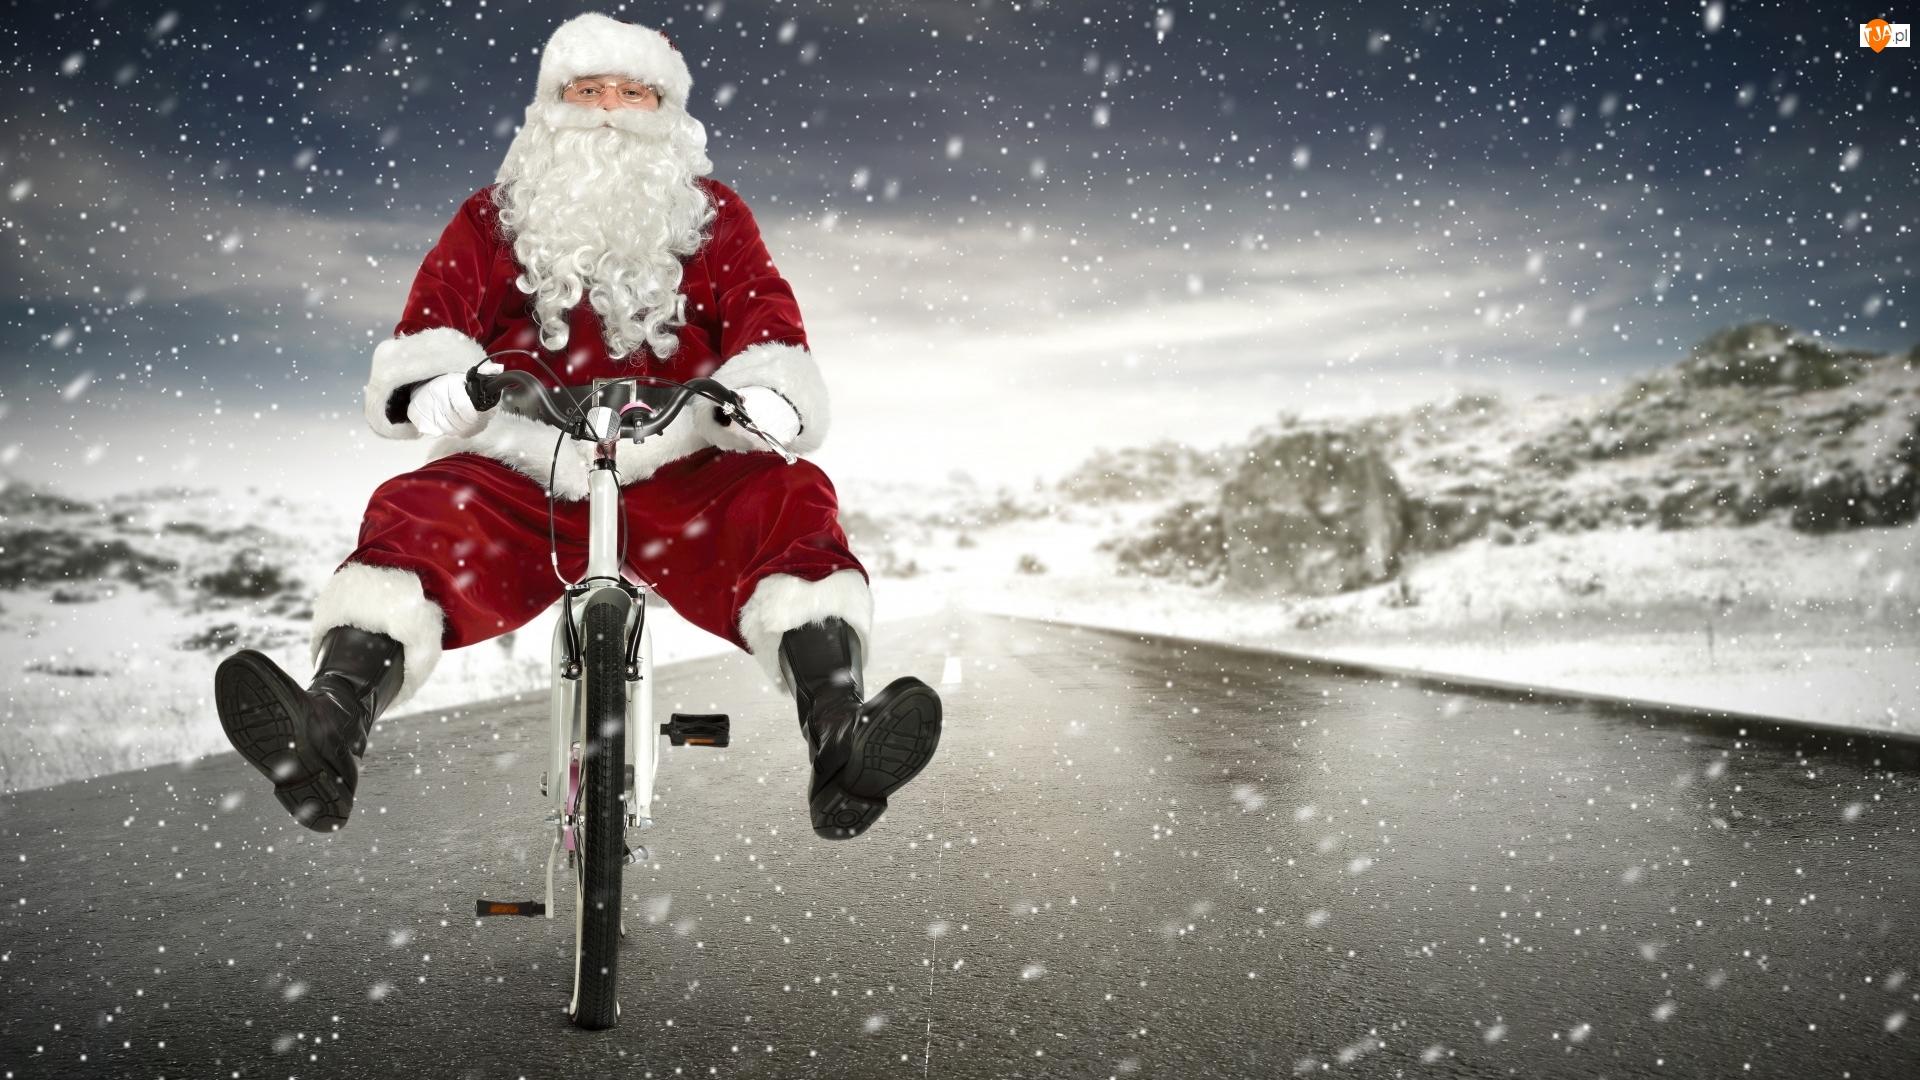 Droga, Mikołaj, Rower, Śnieg